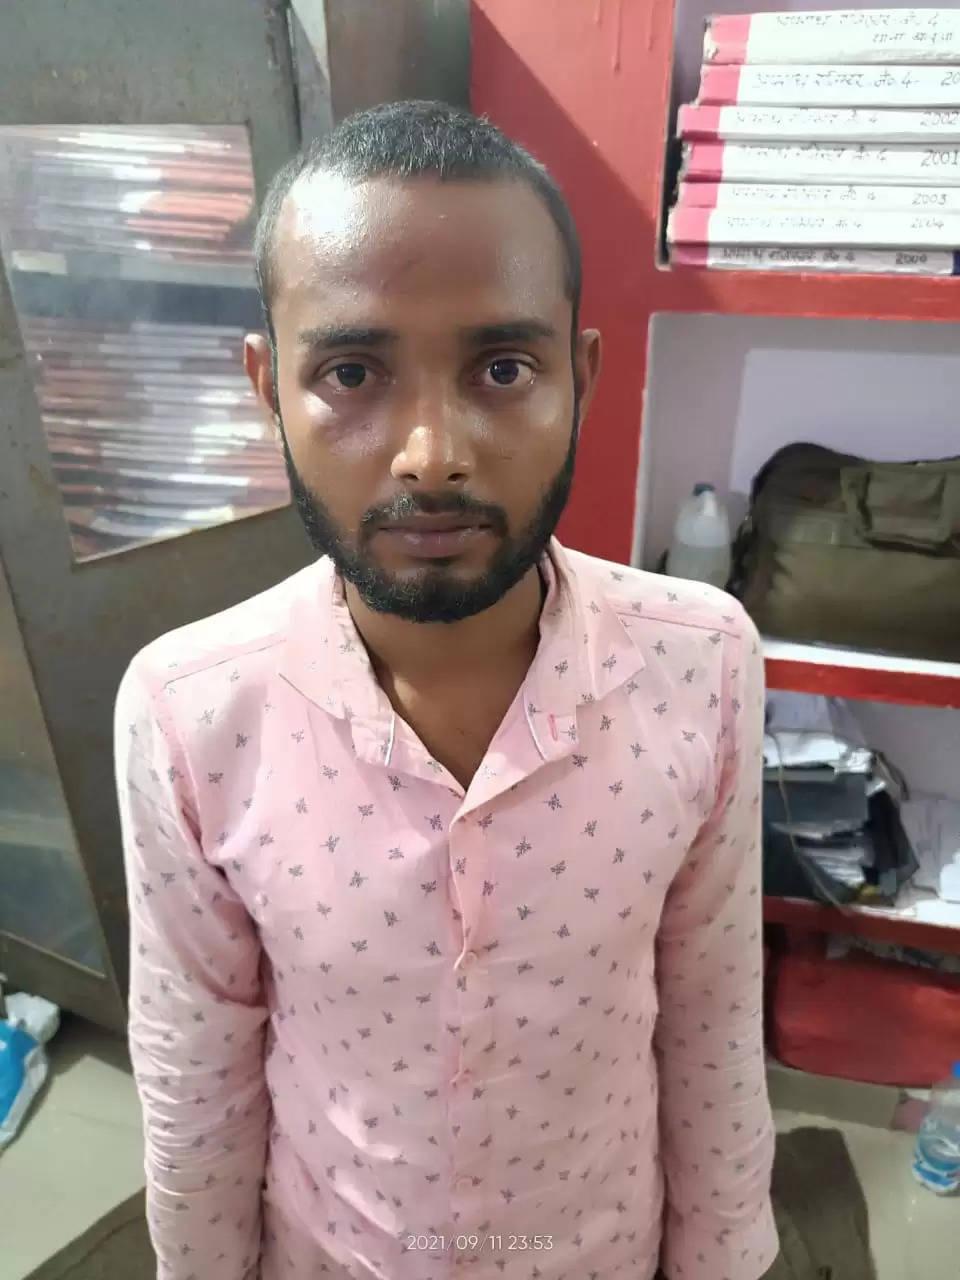 Balua police arrested Manish Kumar